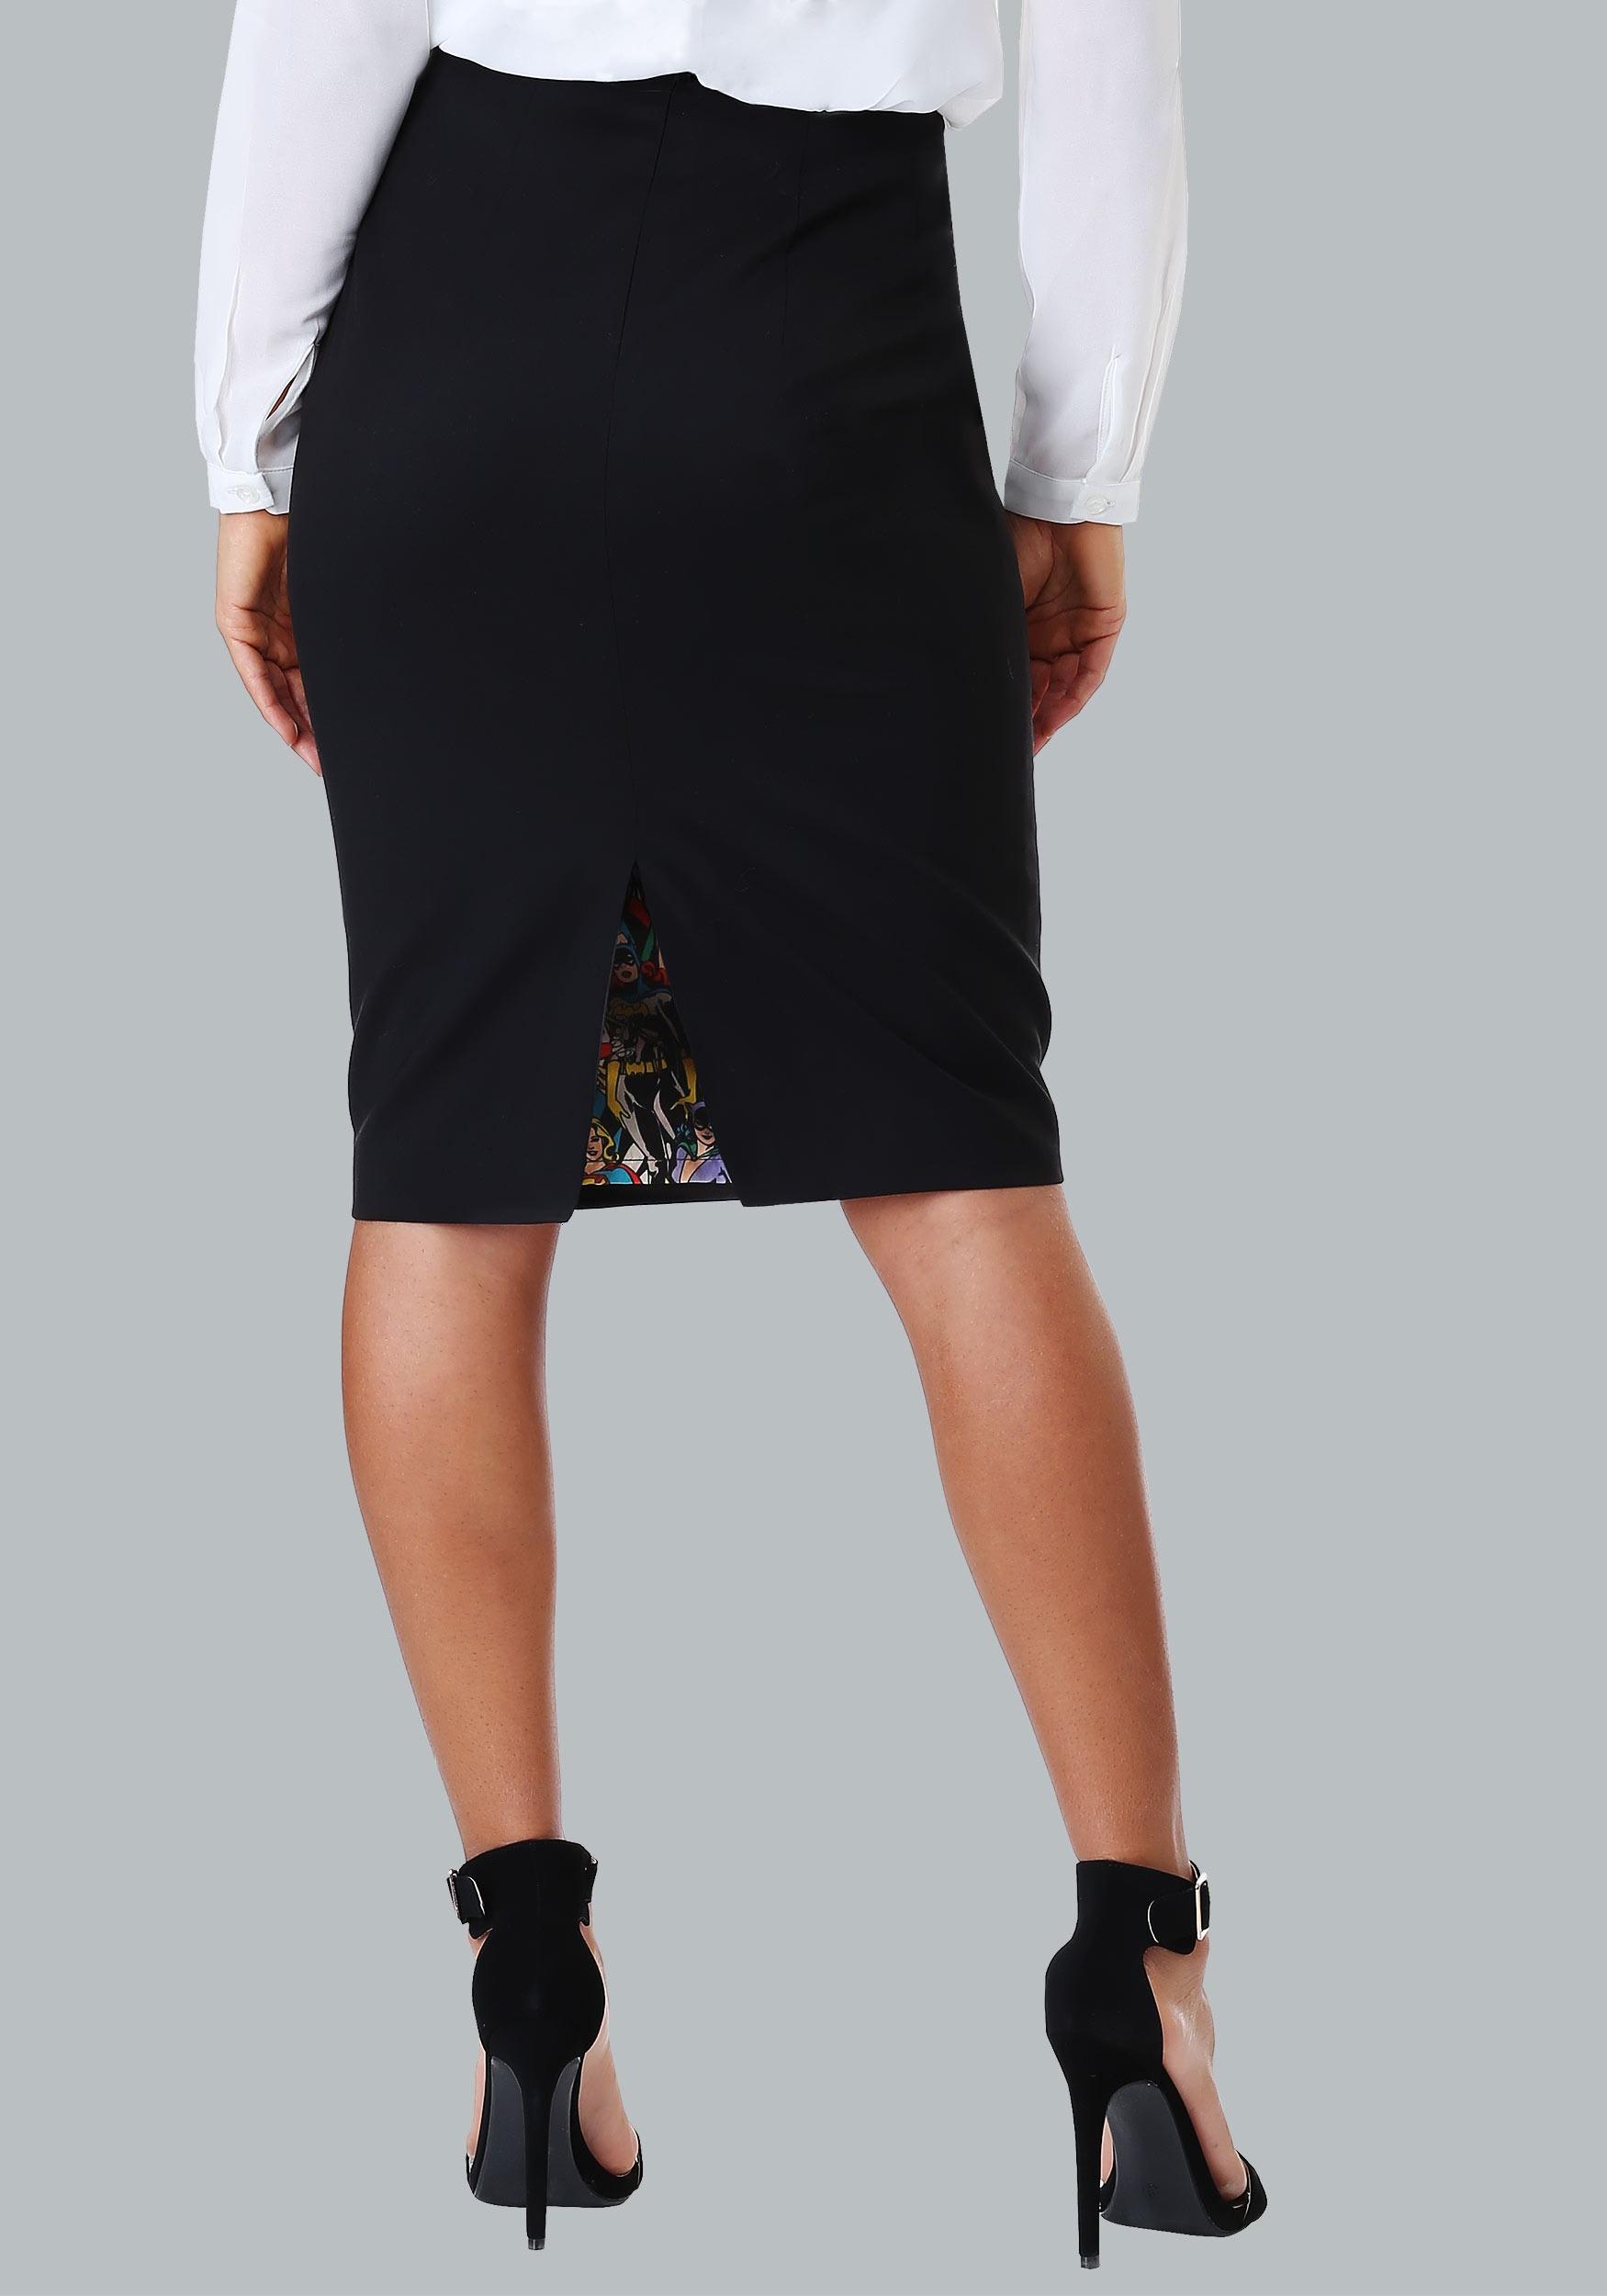 DC Comics Vintage Print Pencil Skirt for Women ceae3f354